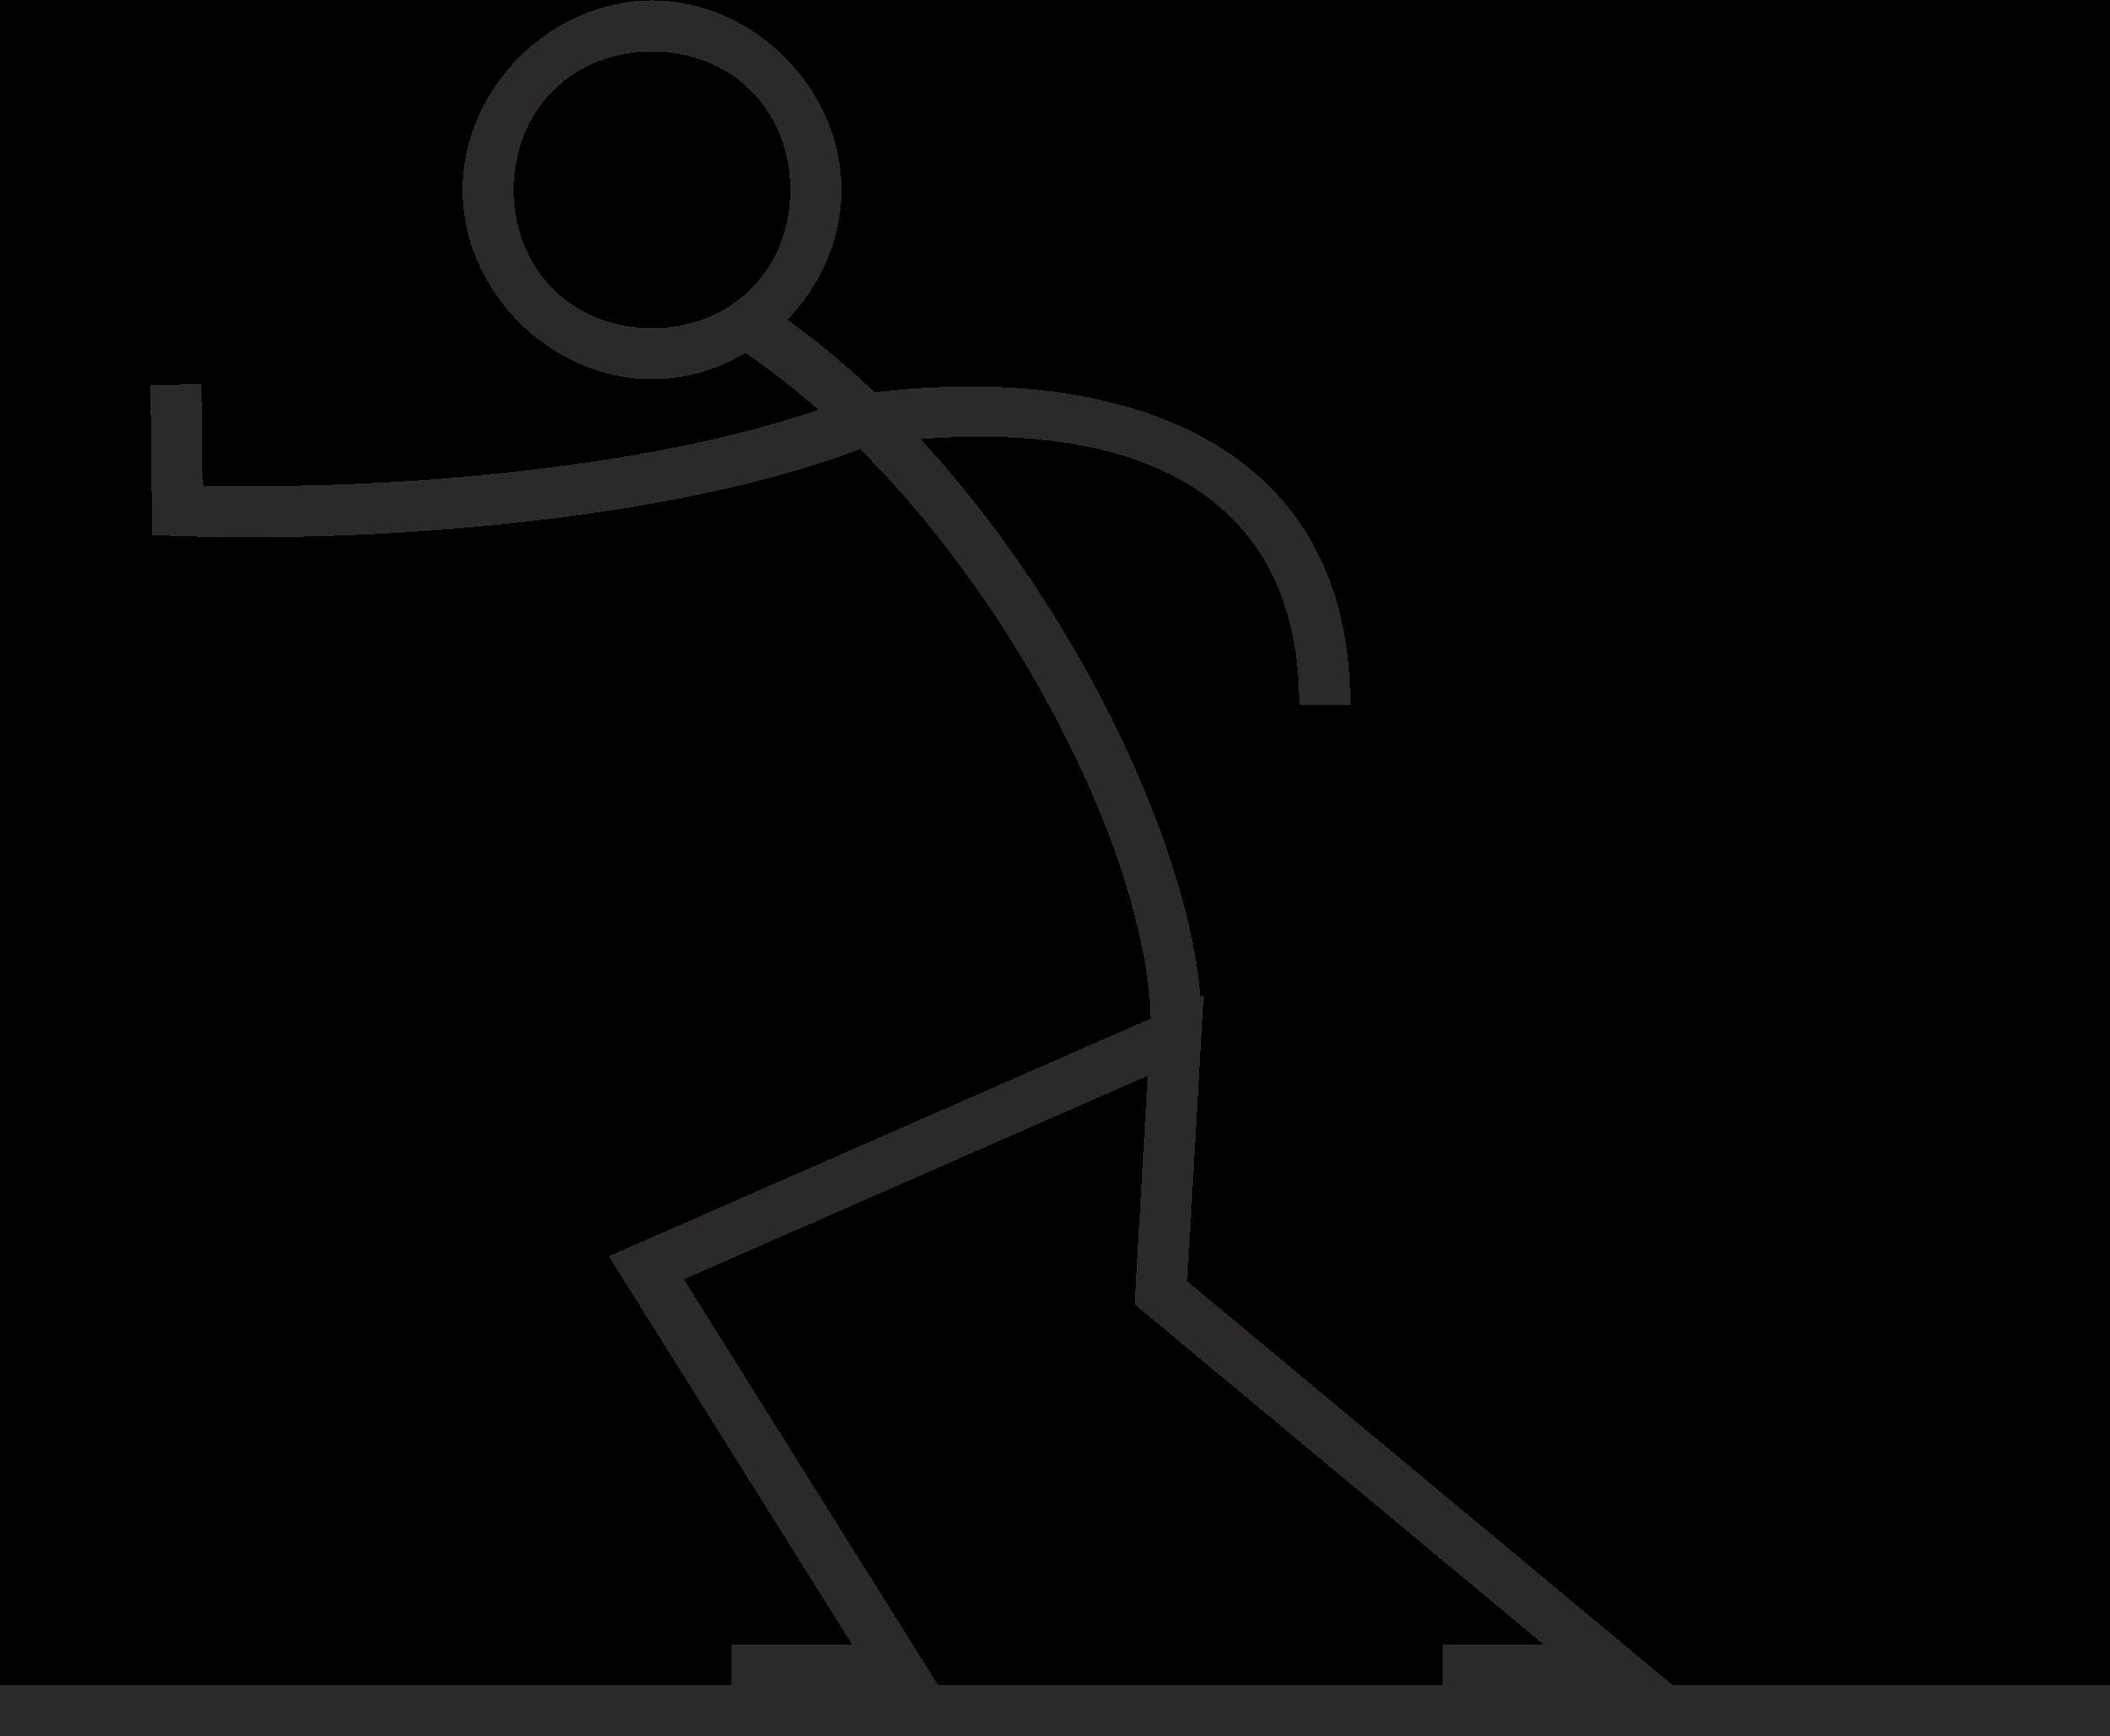 2400x1975 Stick Person Stick Figures Clip Art Tumundografico